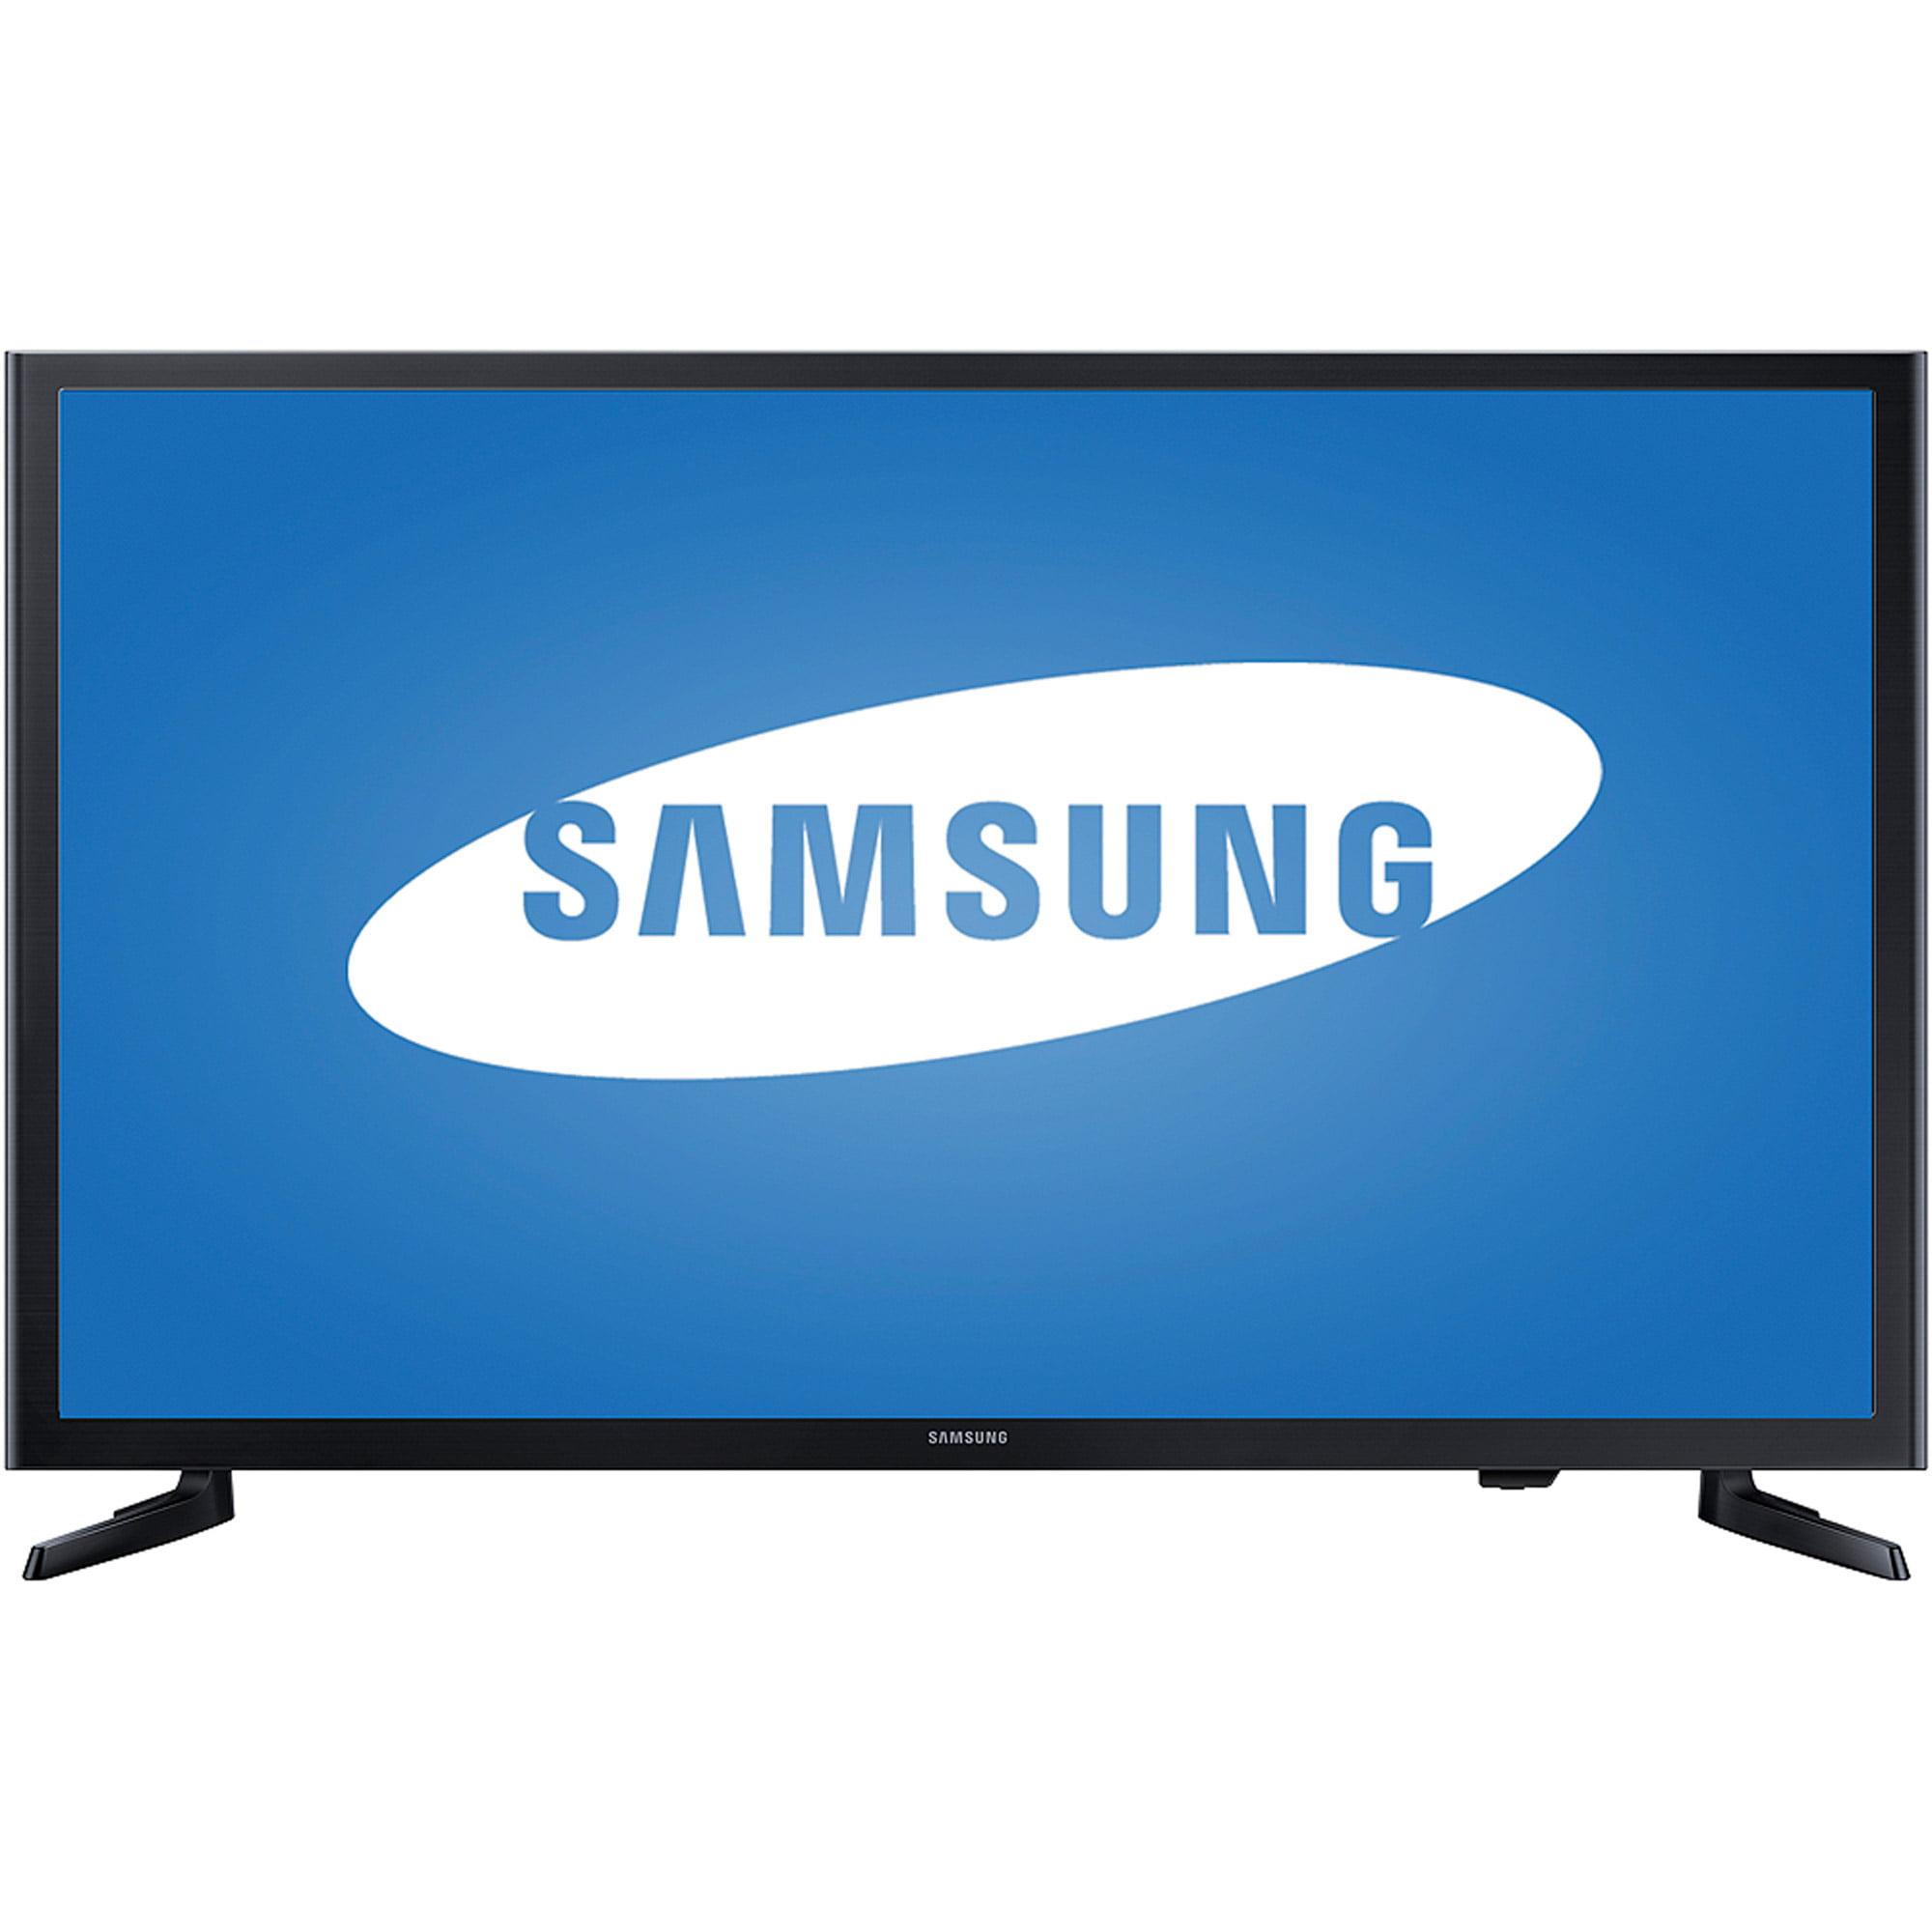 """SAMSUNG 32"""" 5000 Series - Full HD LED TV - 1080p, 120MR (Model#: UN32J5003)"""